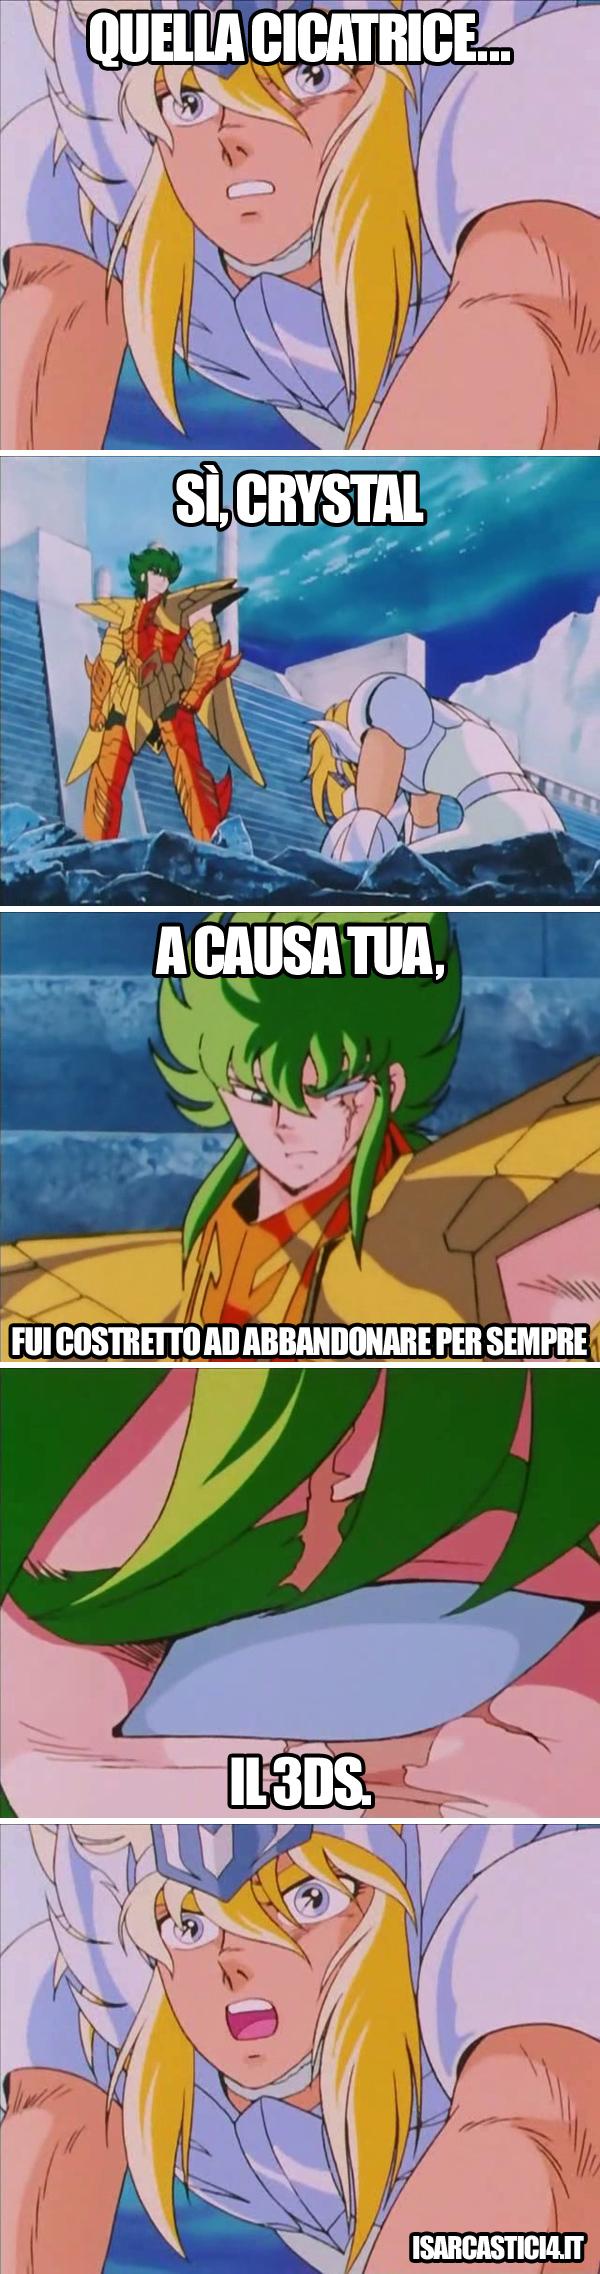 Cavalieri dello zodiaco meme ita - Sfregio